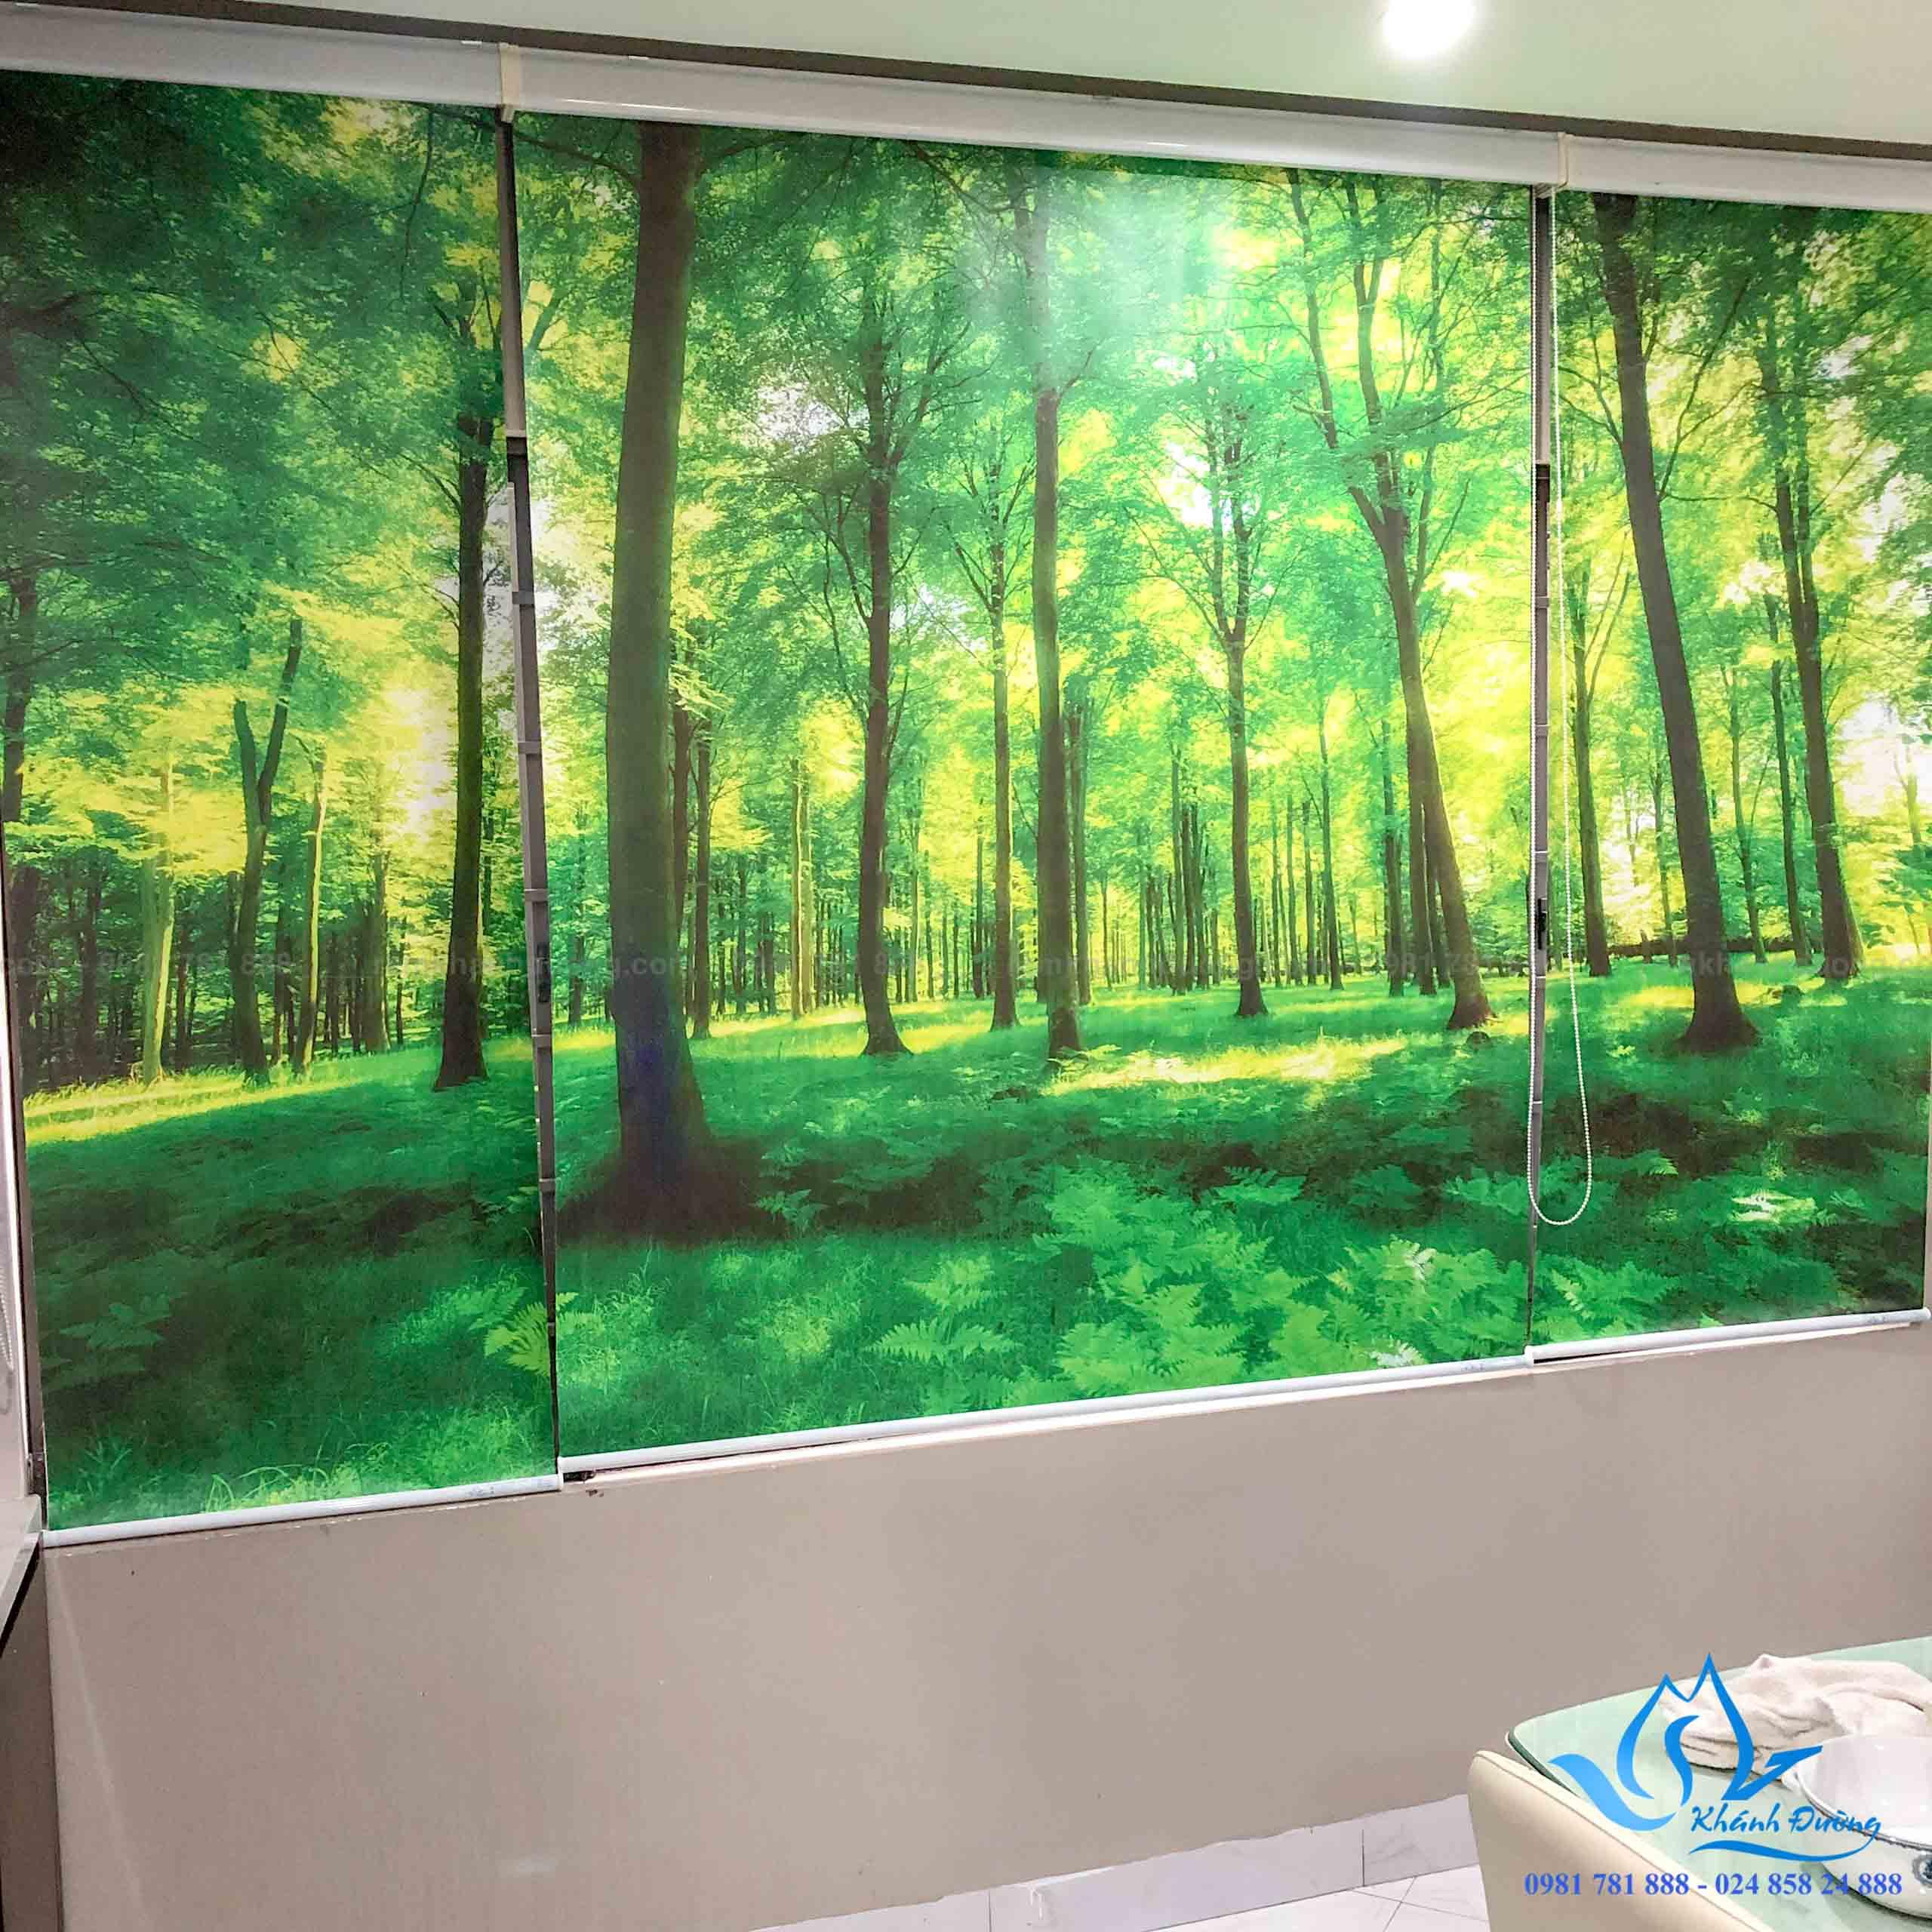 Hàng cây sống động hiện ra trước mắt thông qua bộ rèm cuốn tranh PC-102